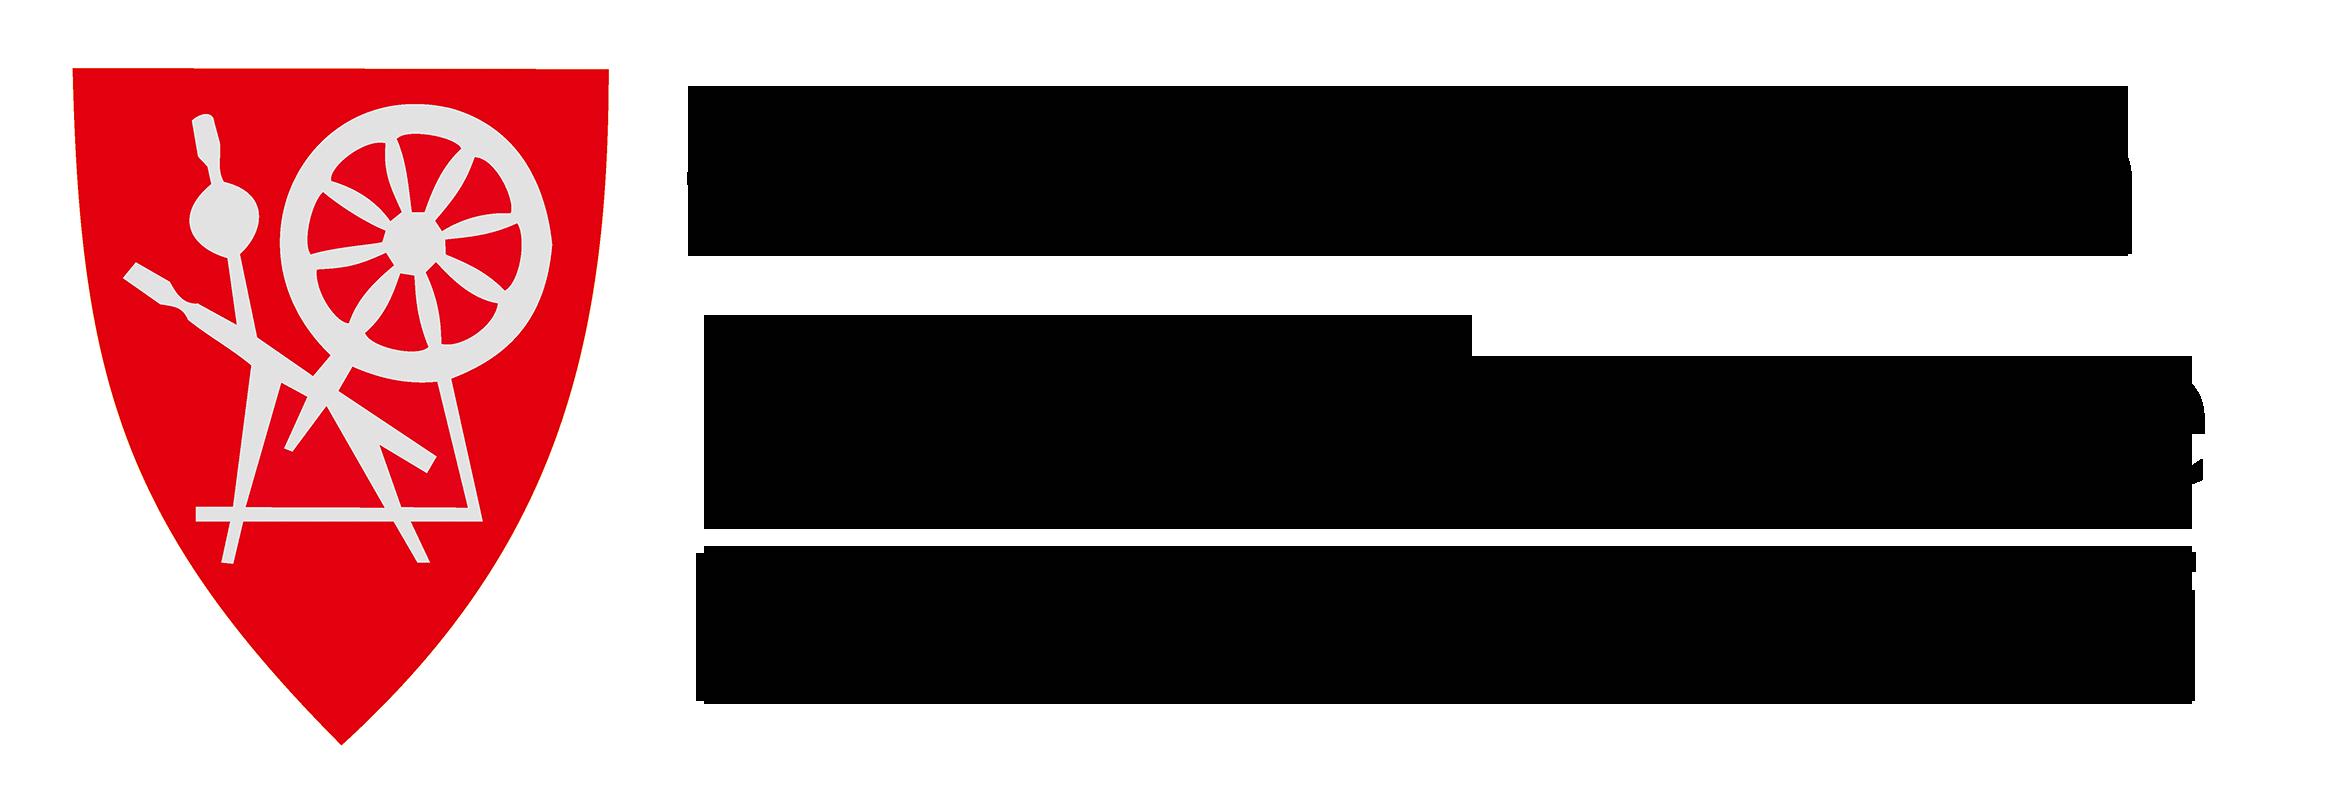 Kåfjord trespråklig logo små boksetaver sort skrift gjennomsiktig bakgrunn 2100px 300dpi_sRGB.png